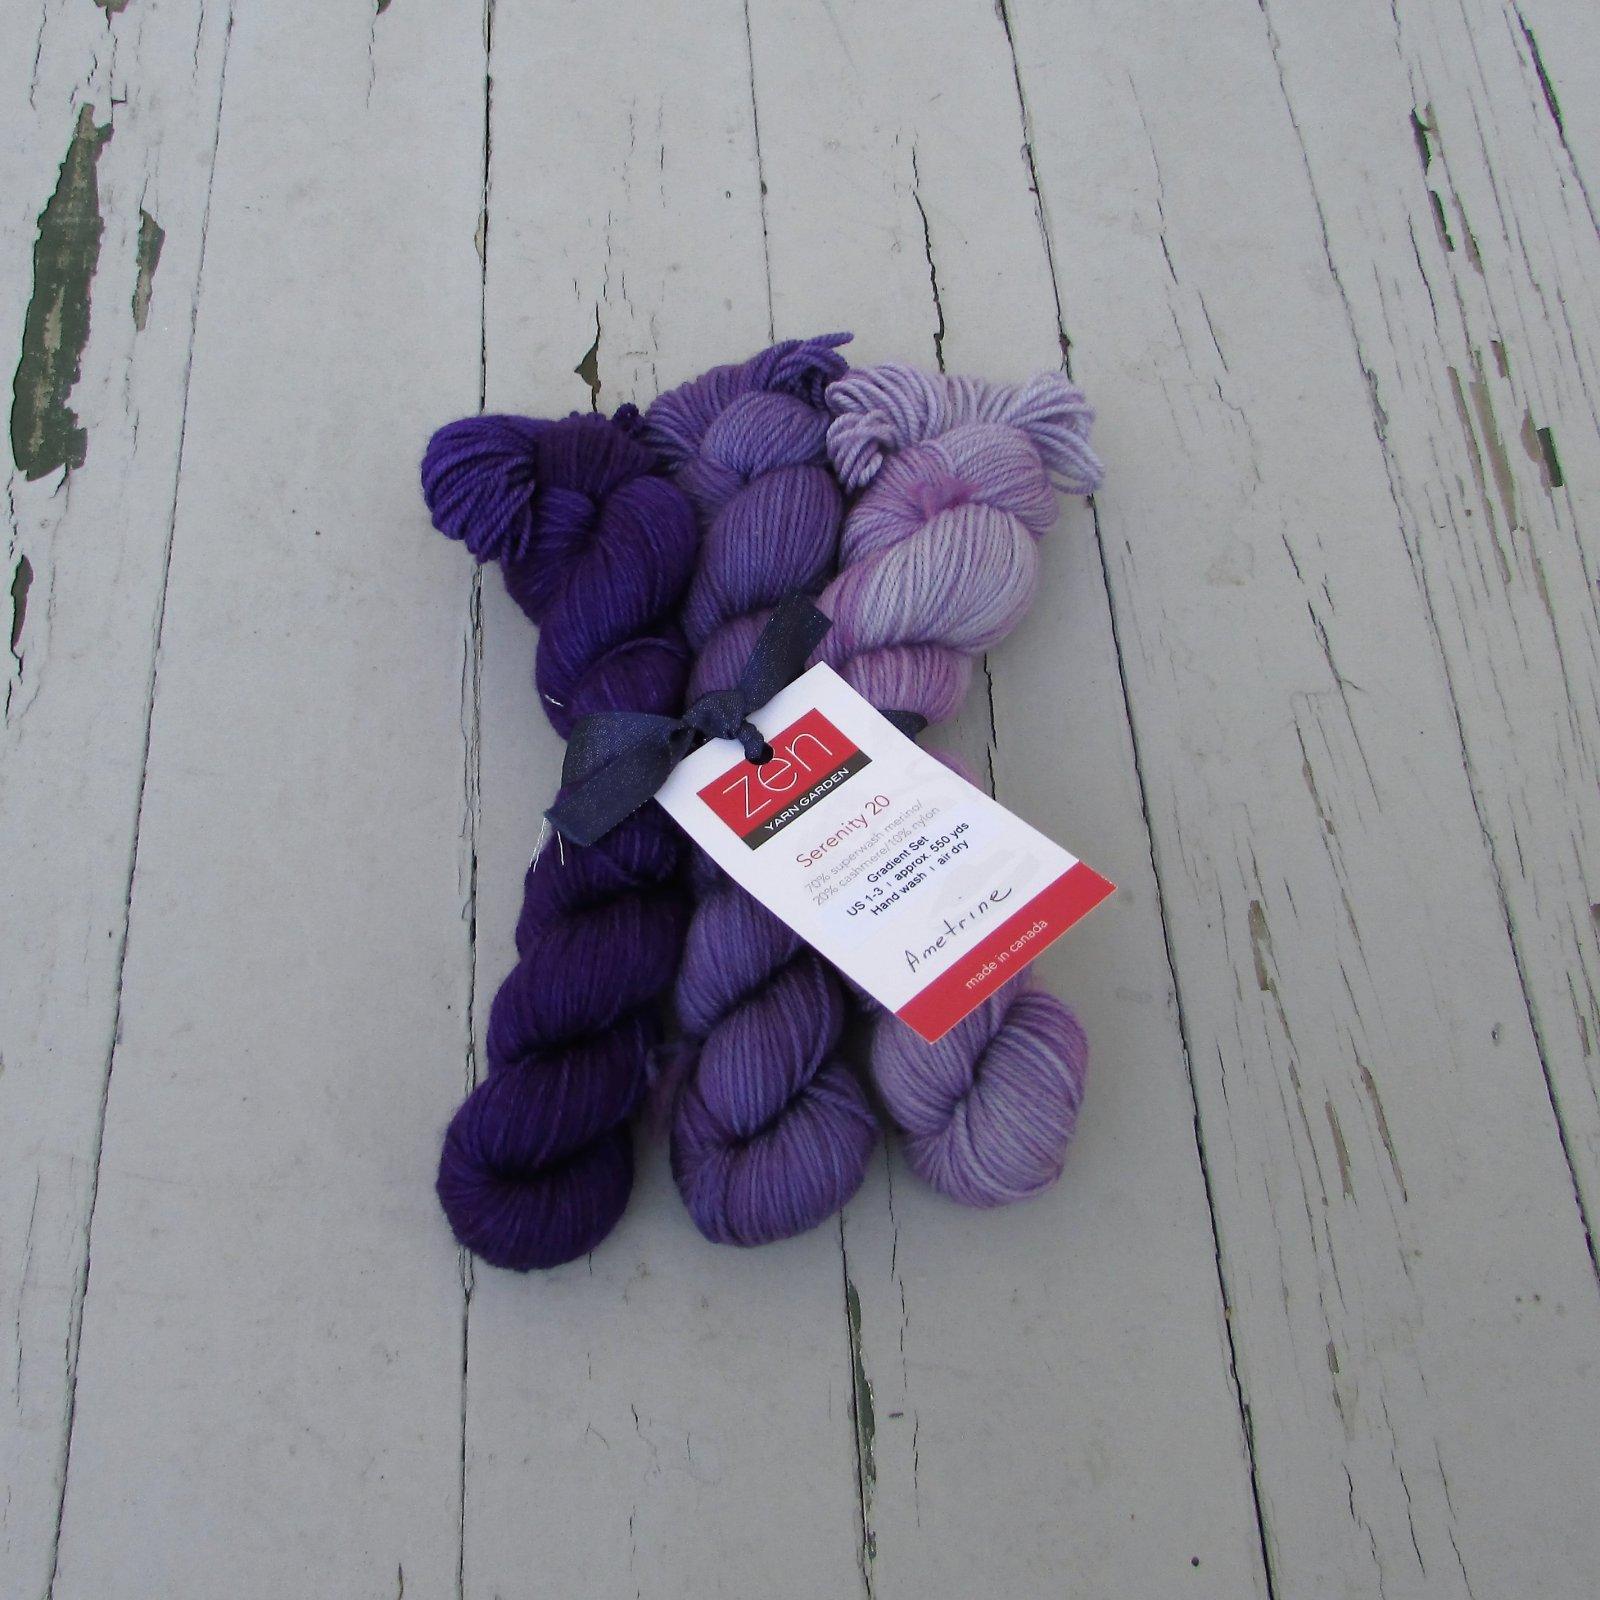 Zen Yarn Garden Serenity 20 Gradient Set